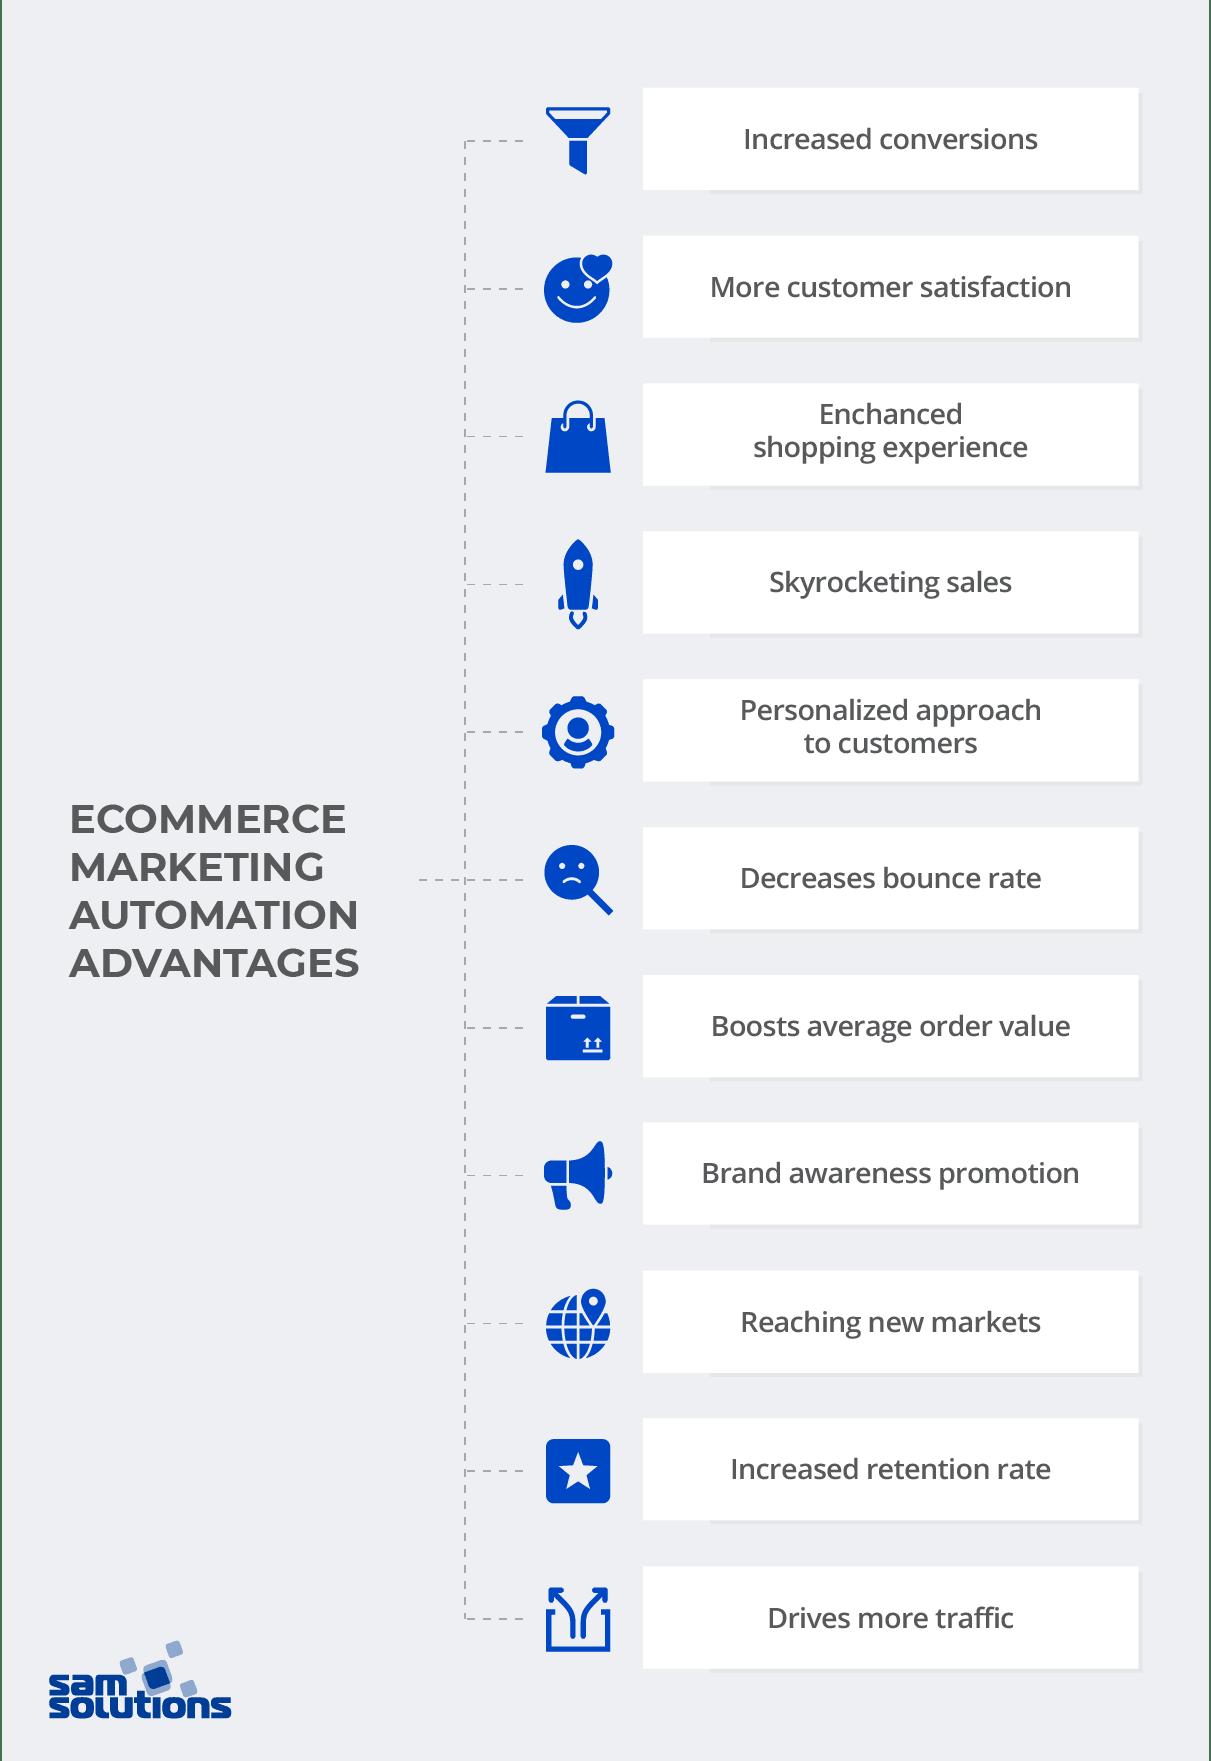 Ecommerce-automation-advantages